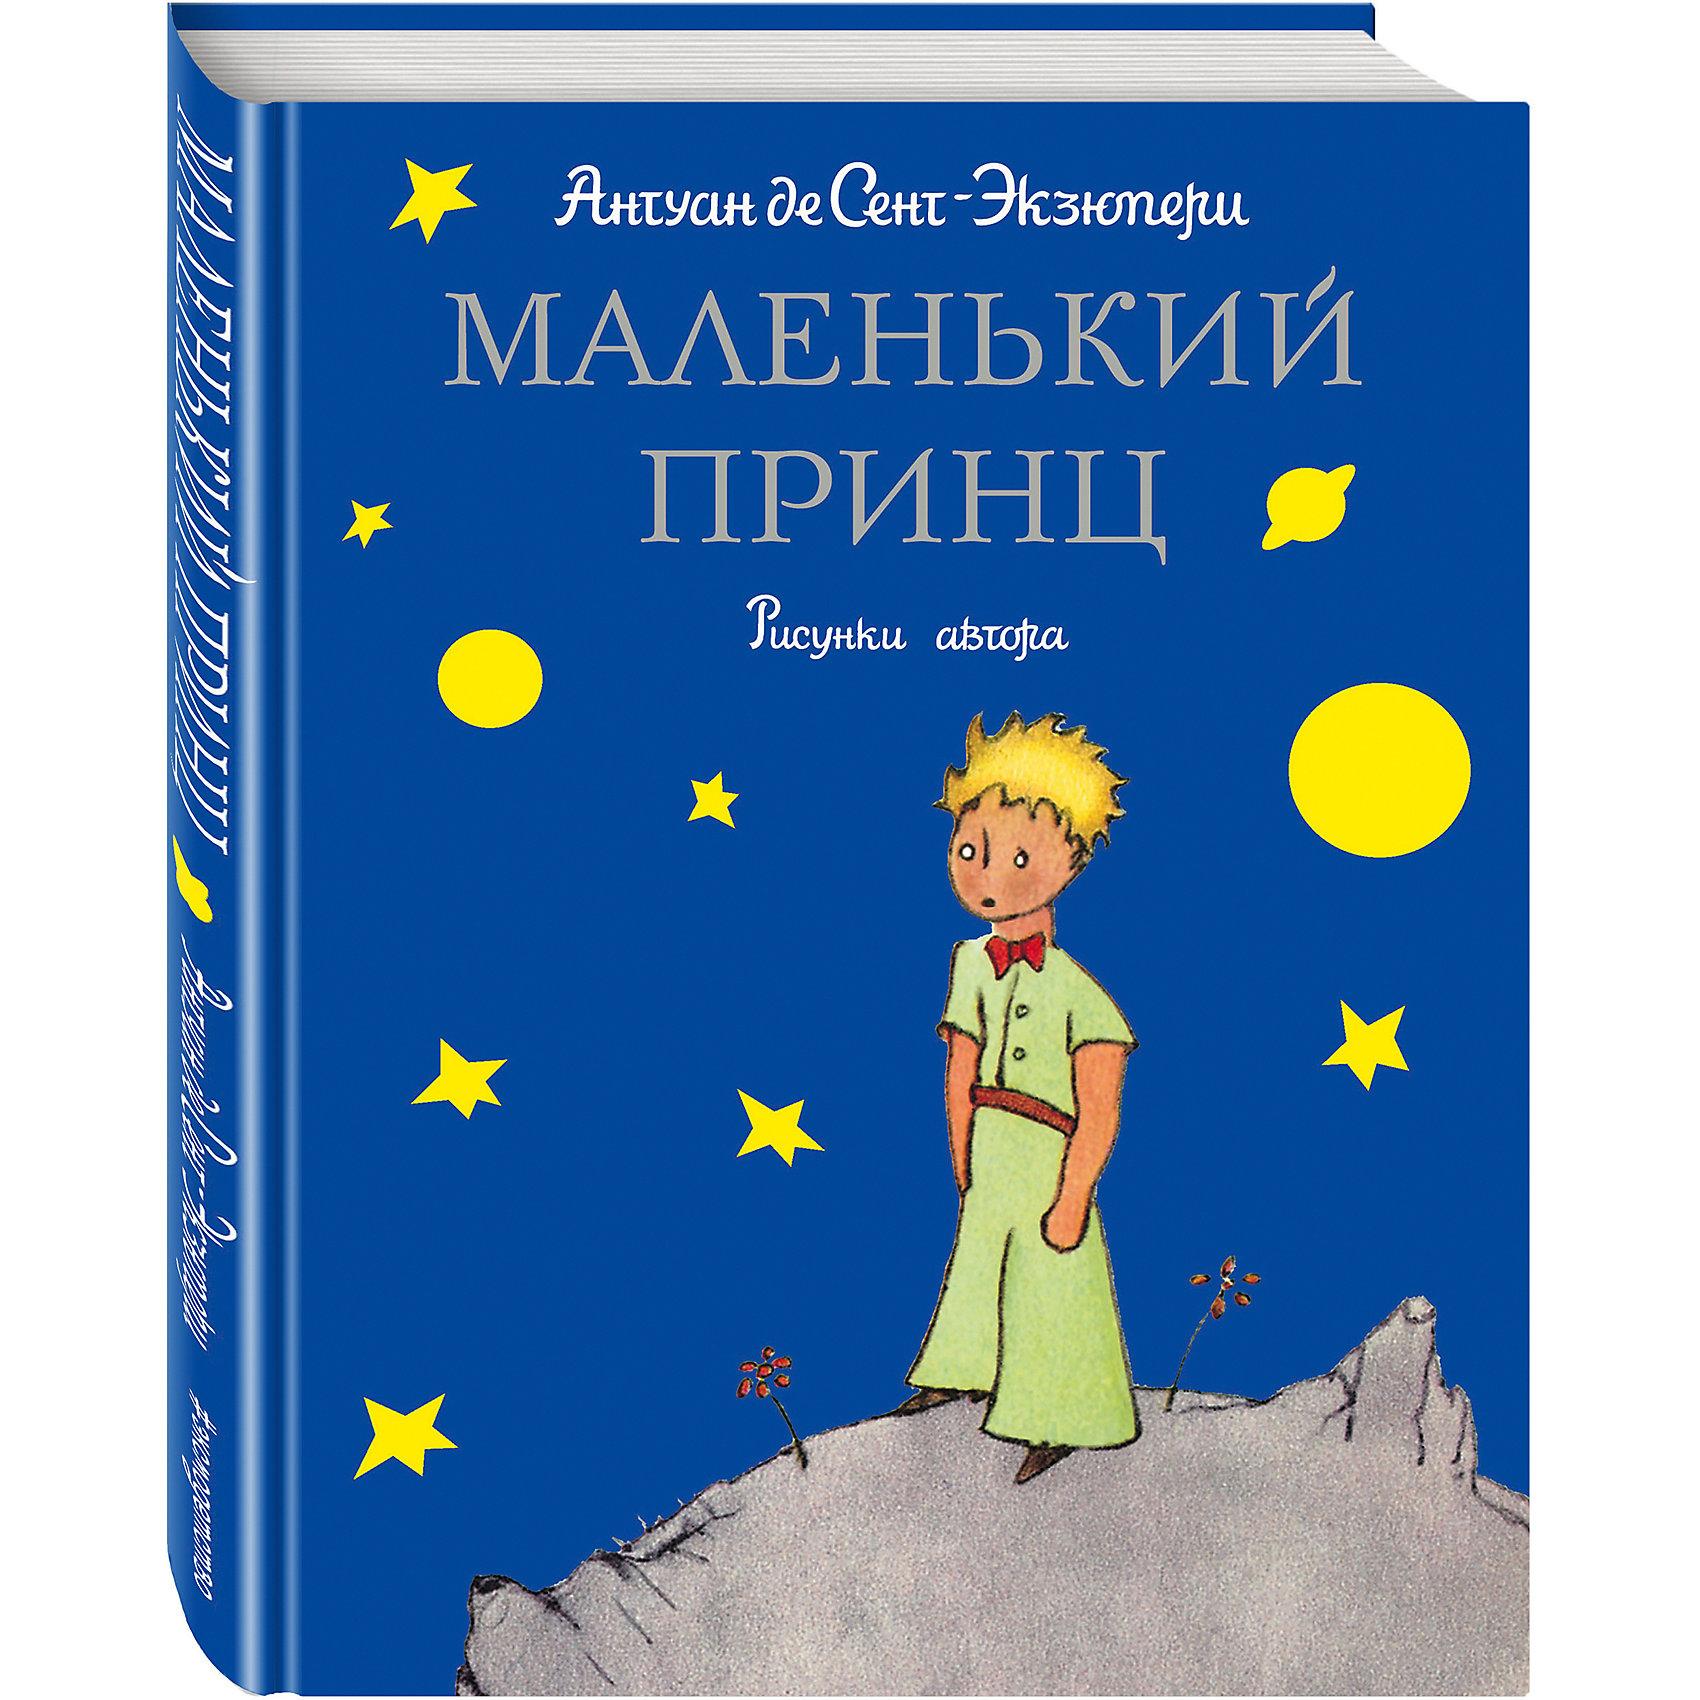 Маленький принц, Антуан де Сент-ЭкзюпериЗарубежные сказки<br>Подарочное издание знаменитой сказки для детей и взрослых.<br>Рисунки автора.<br>Переводчик: Нора Галь.<br><br>Ширина мм: 255<br>Глубина мм: 197<br>Высота мм: 120<br>Вес г: 633<br>Возраст от месяцев: 72<br>Возраст до месяцев: 2147483647<br>Пол: Унисекс<br>Возраст: Детский<br>SKU: 5535556